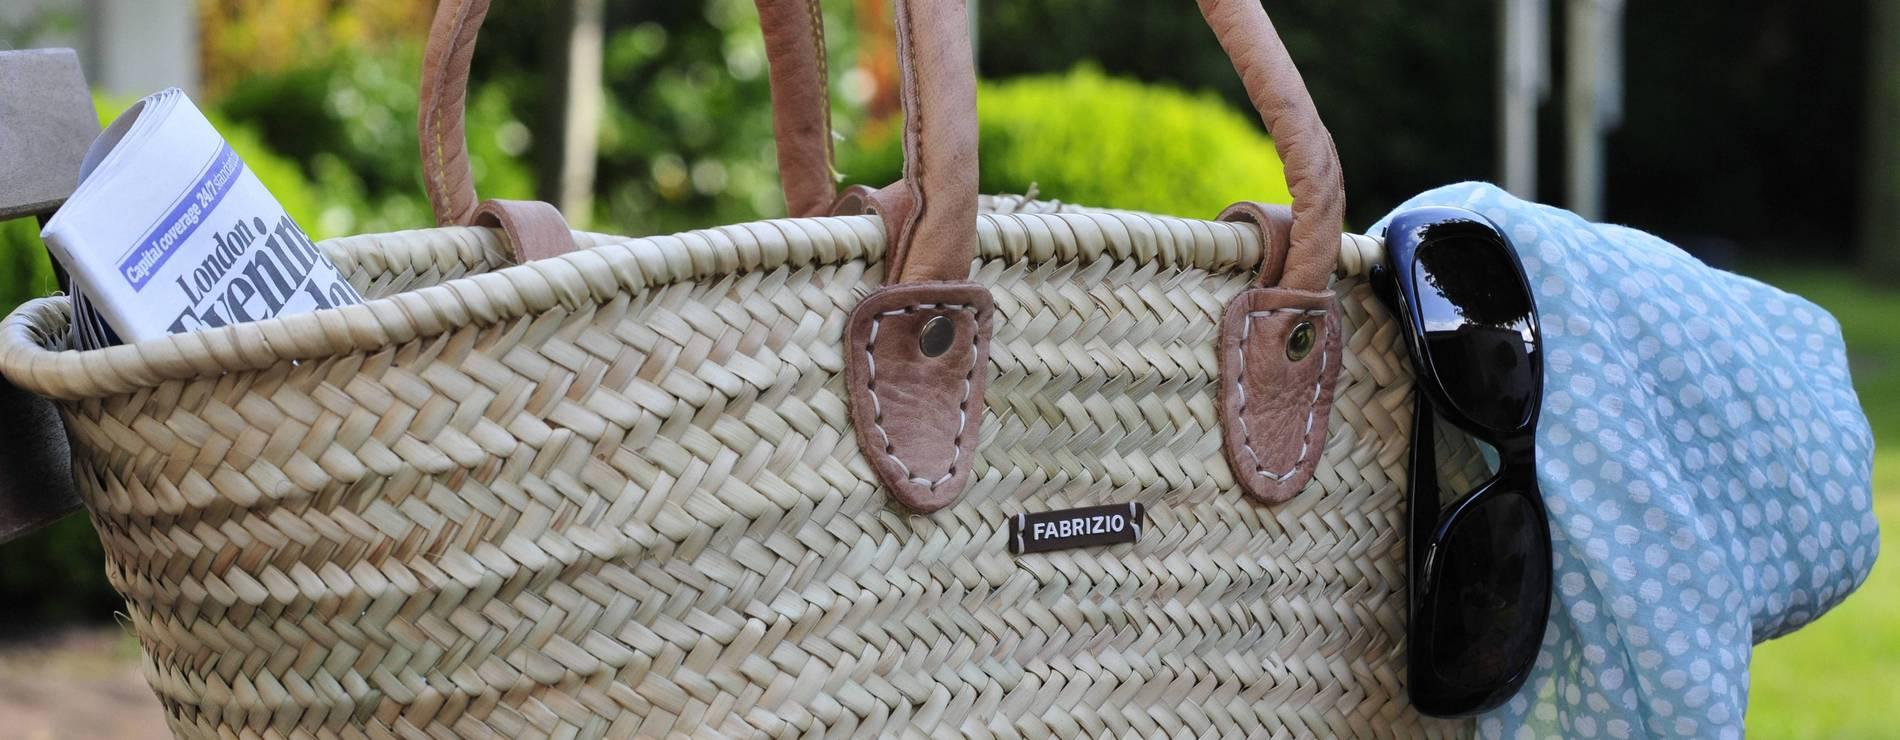 korbtasche ibizatasche strandtasche natur jetzt g nstig kaufen. Black Bedroom Furniture Sets. Home Design Ideas